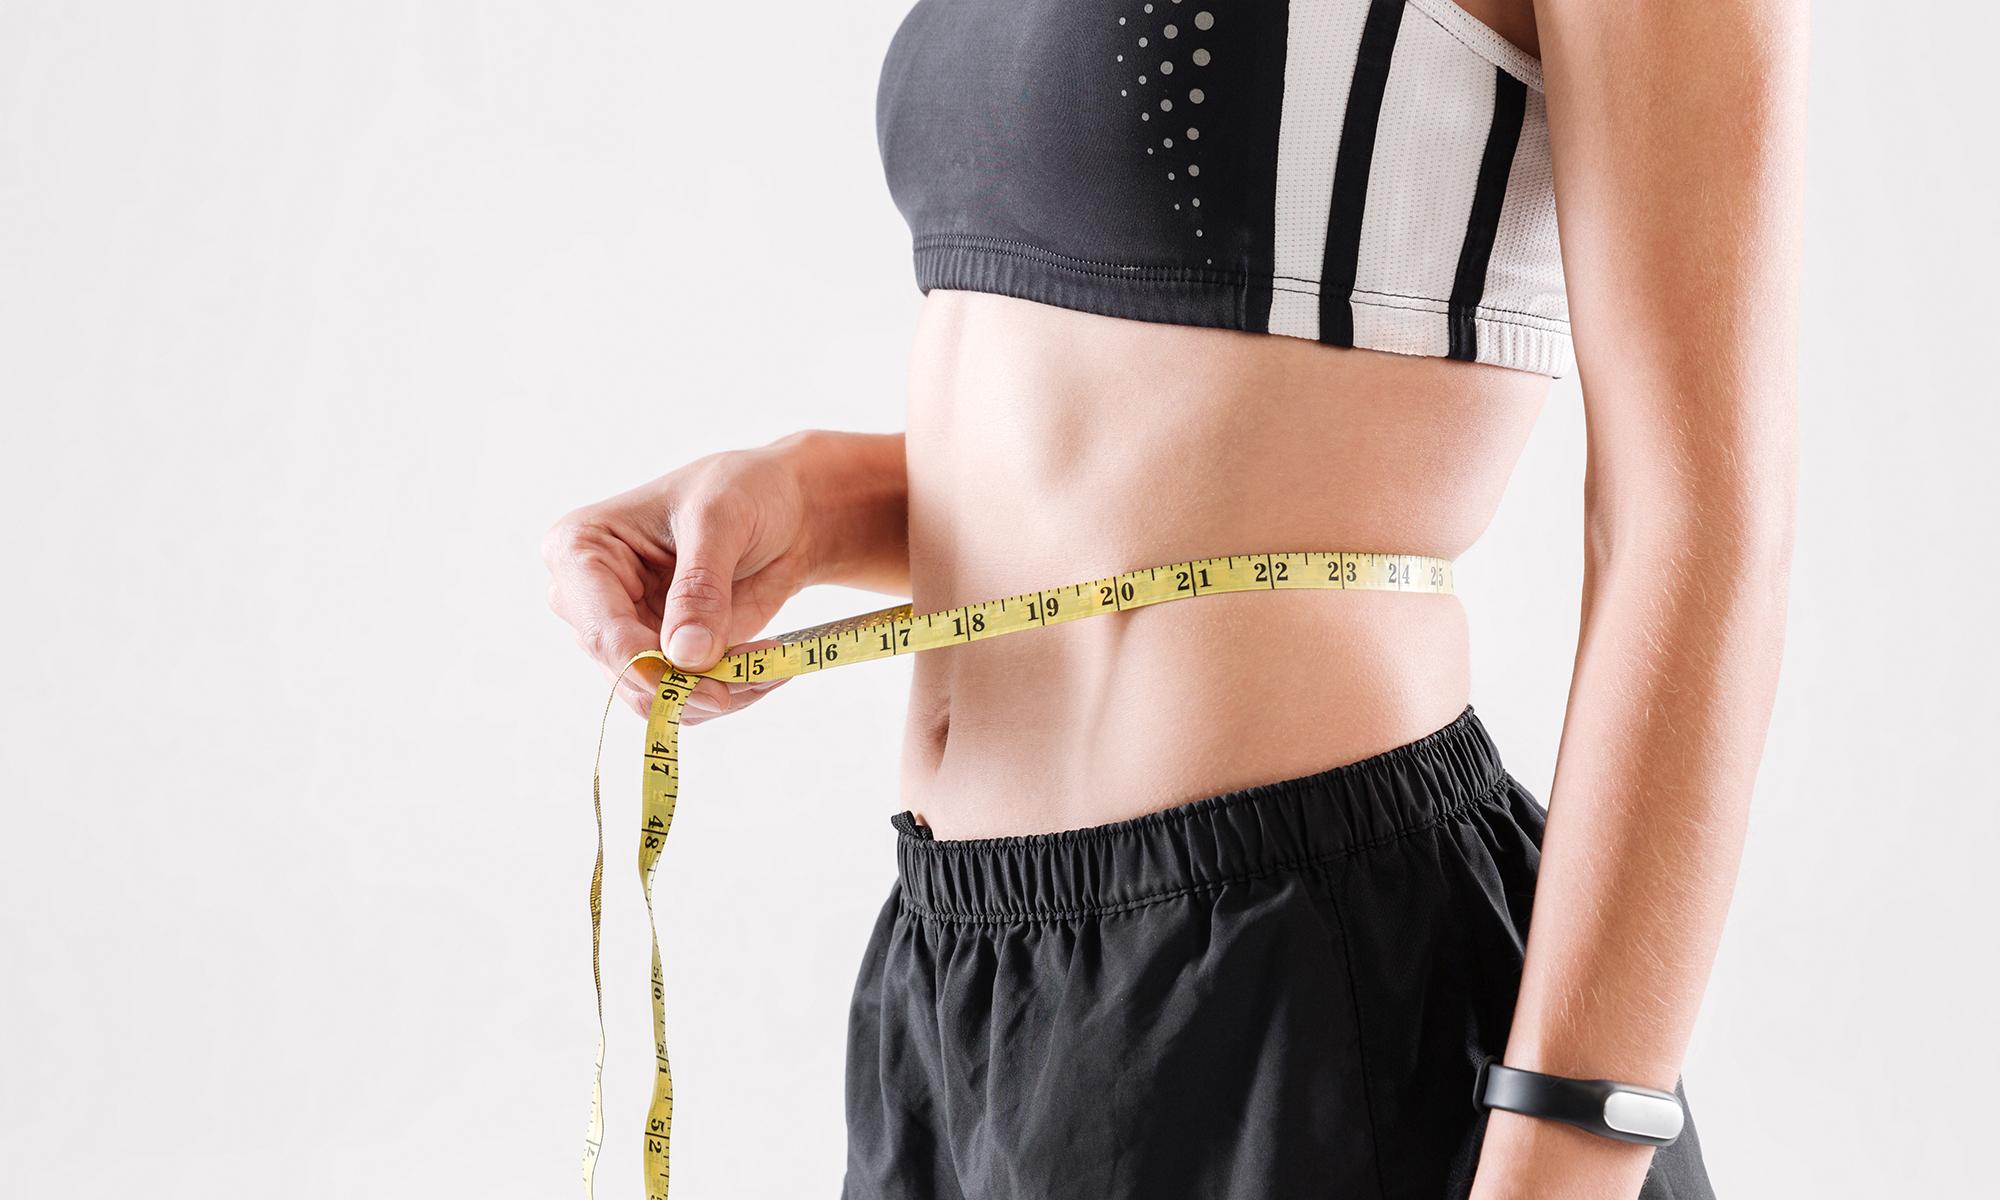 exerciții pentru slăbit kilograme siluetă stil de viață medlink center blog